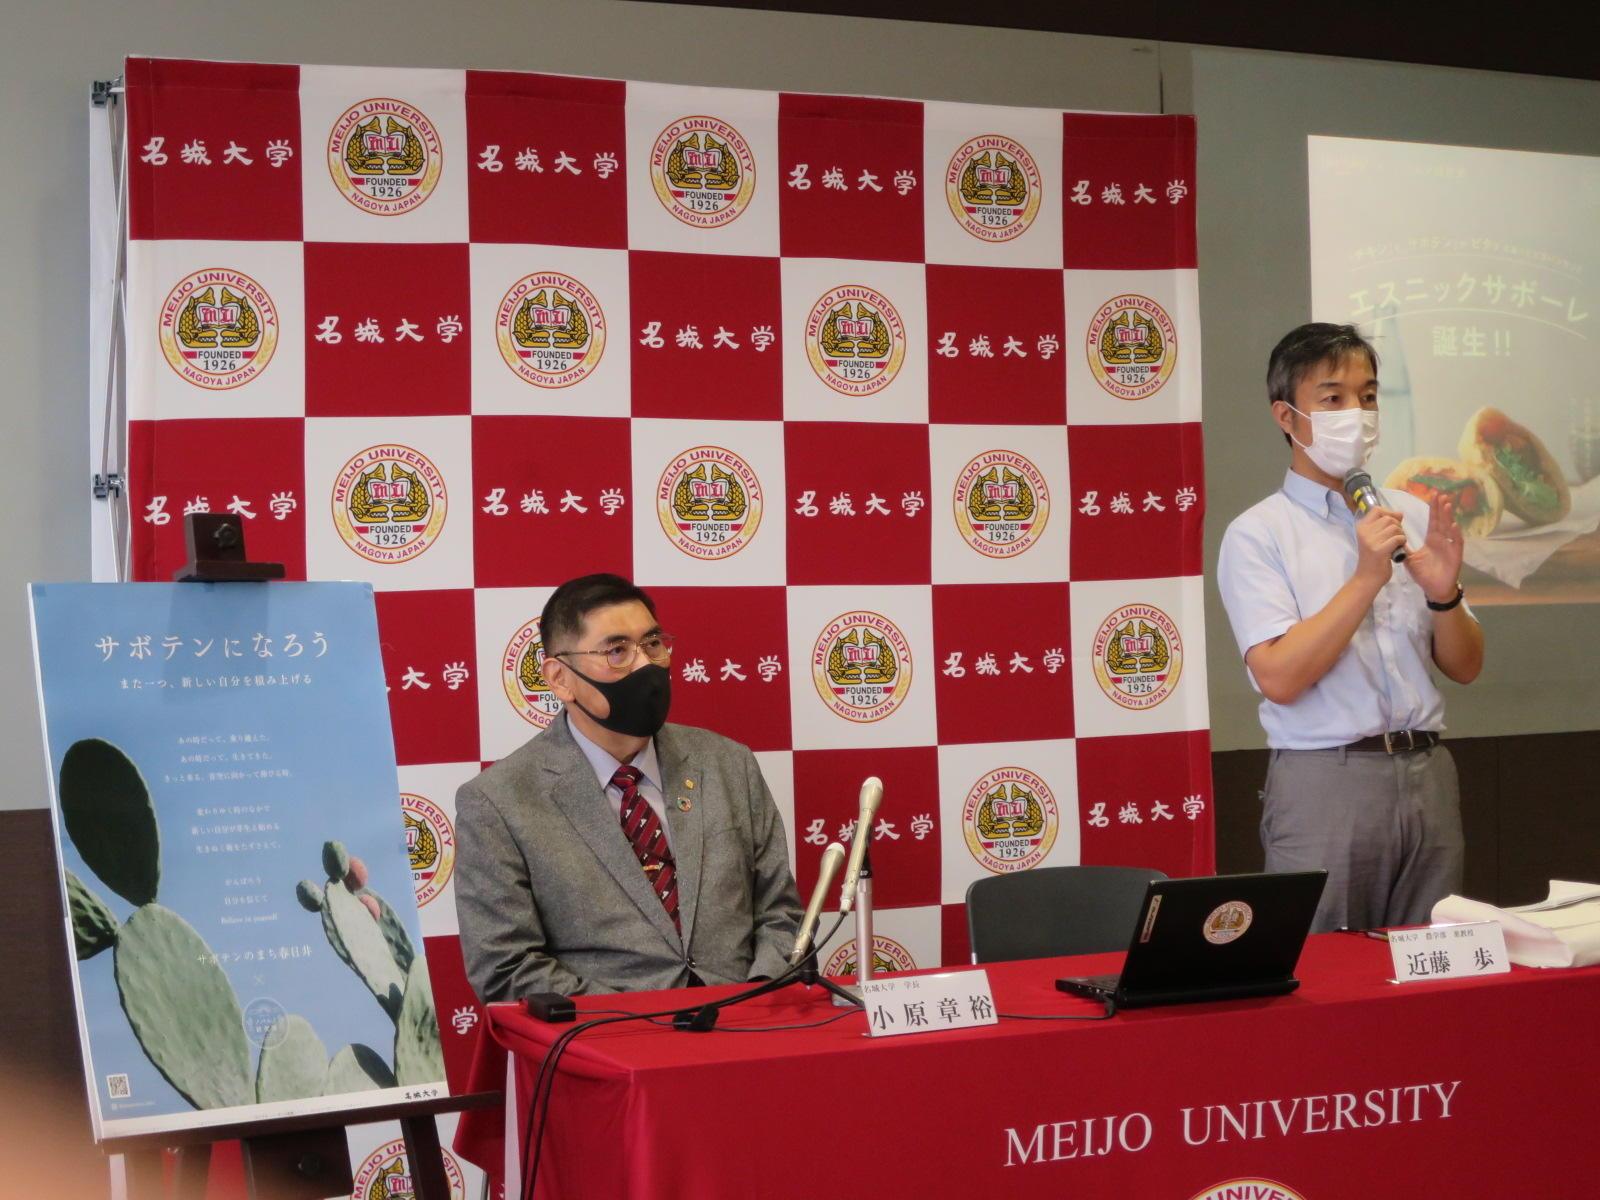 食用サボテンの効能を説く近藤歩准教授。左は小原章裕学長